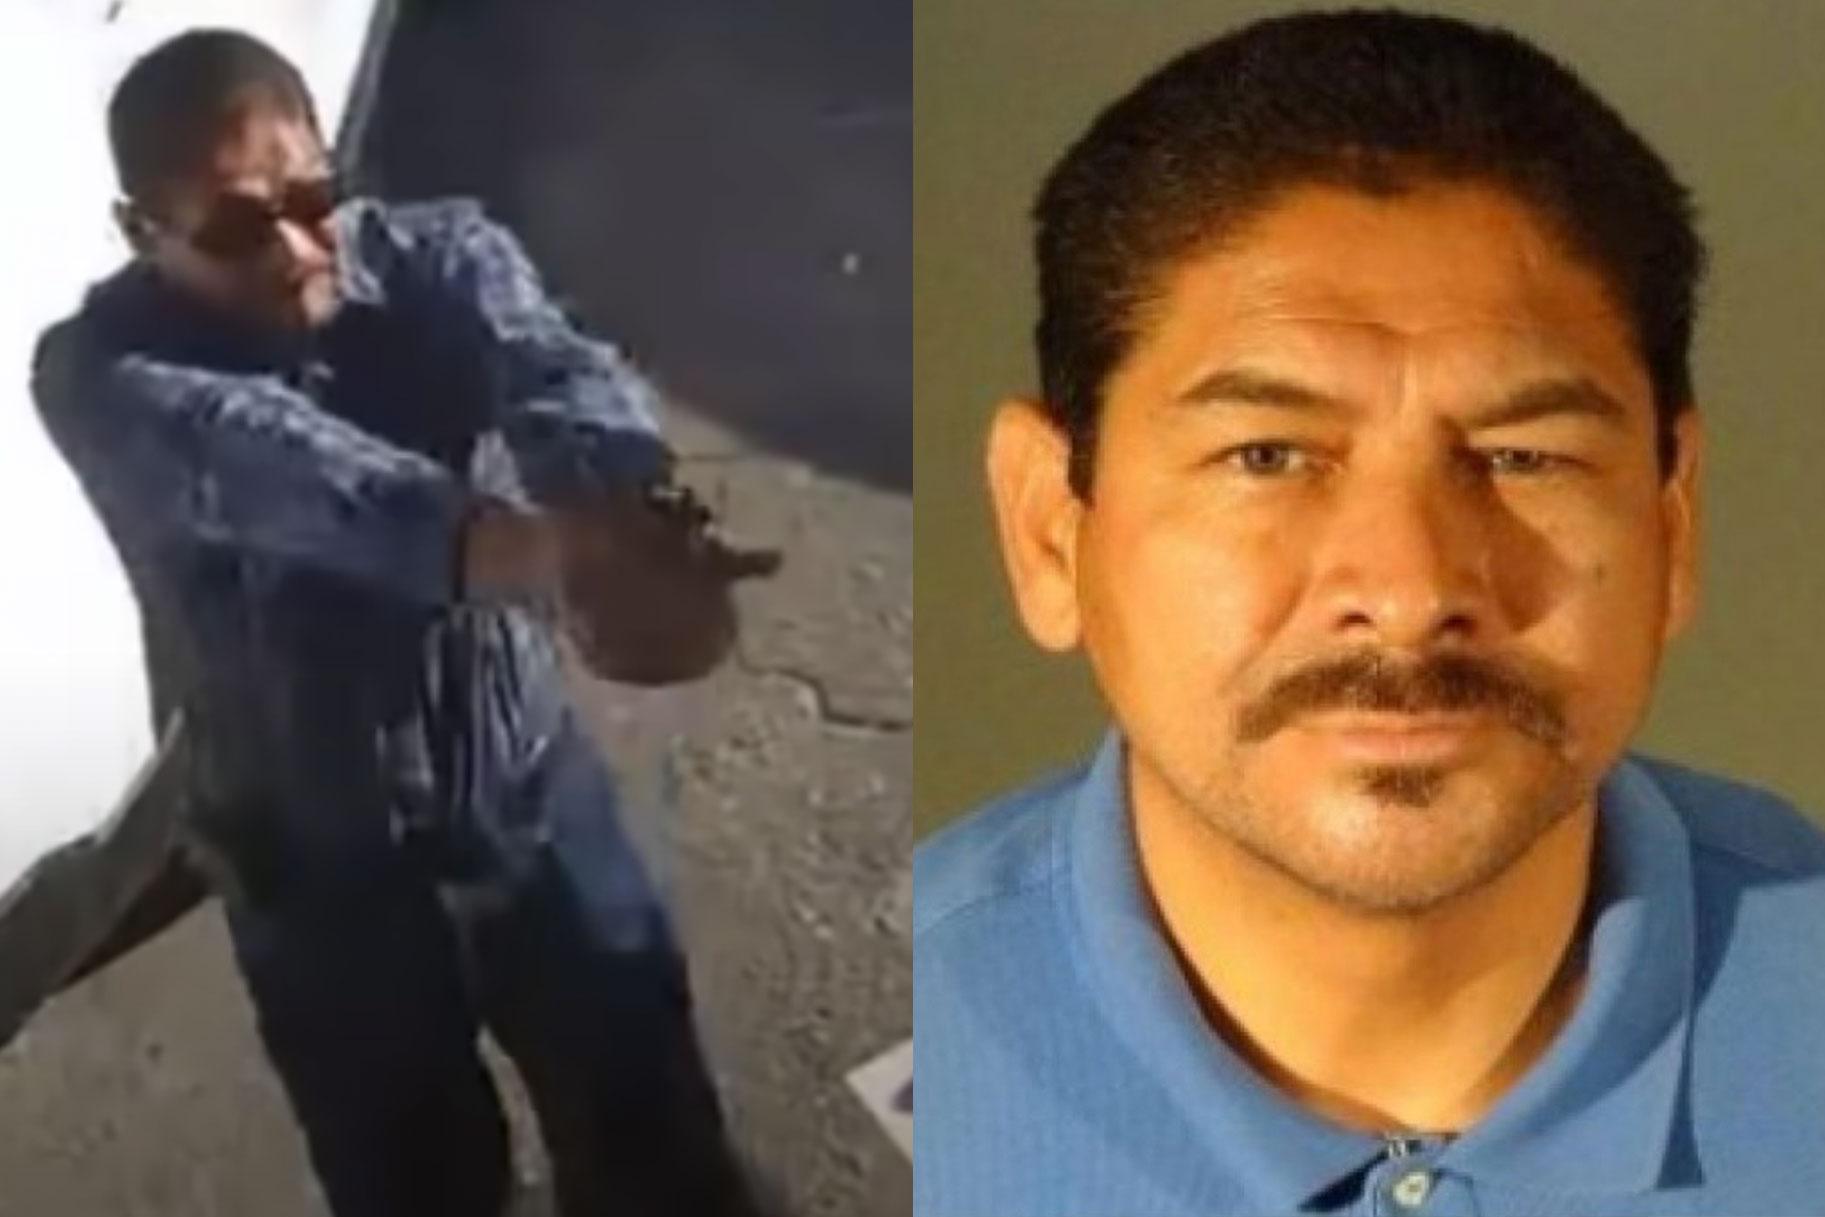 Ο άντρας φέρεται να πυροβολεί την πρώην φίλη του νεκρή ως το 3χρονο παιδί τους κραυγές